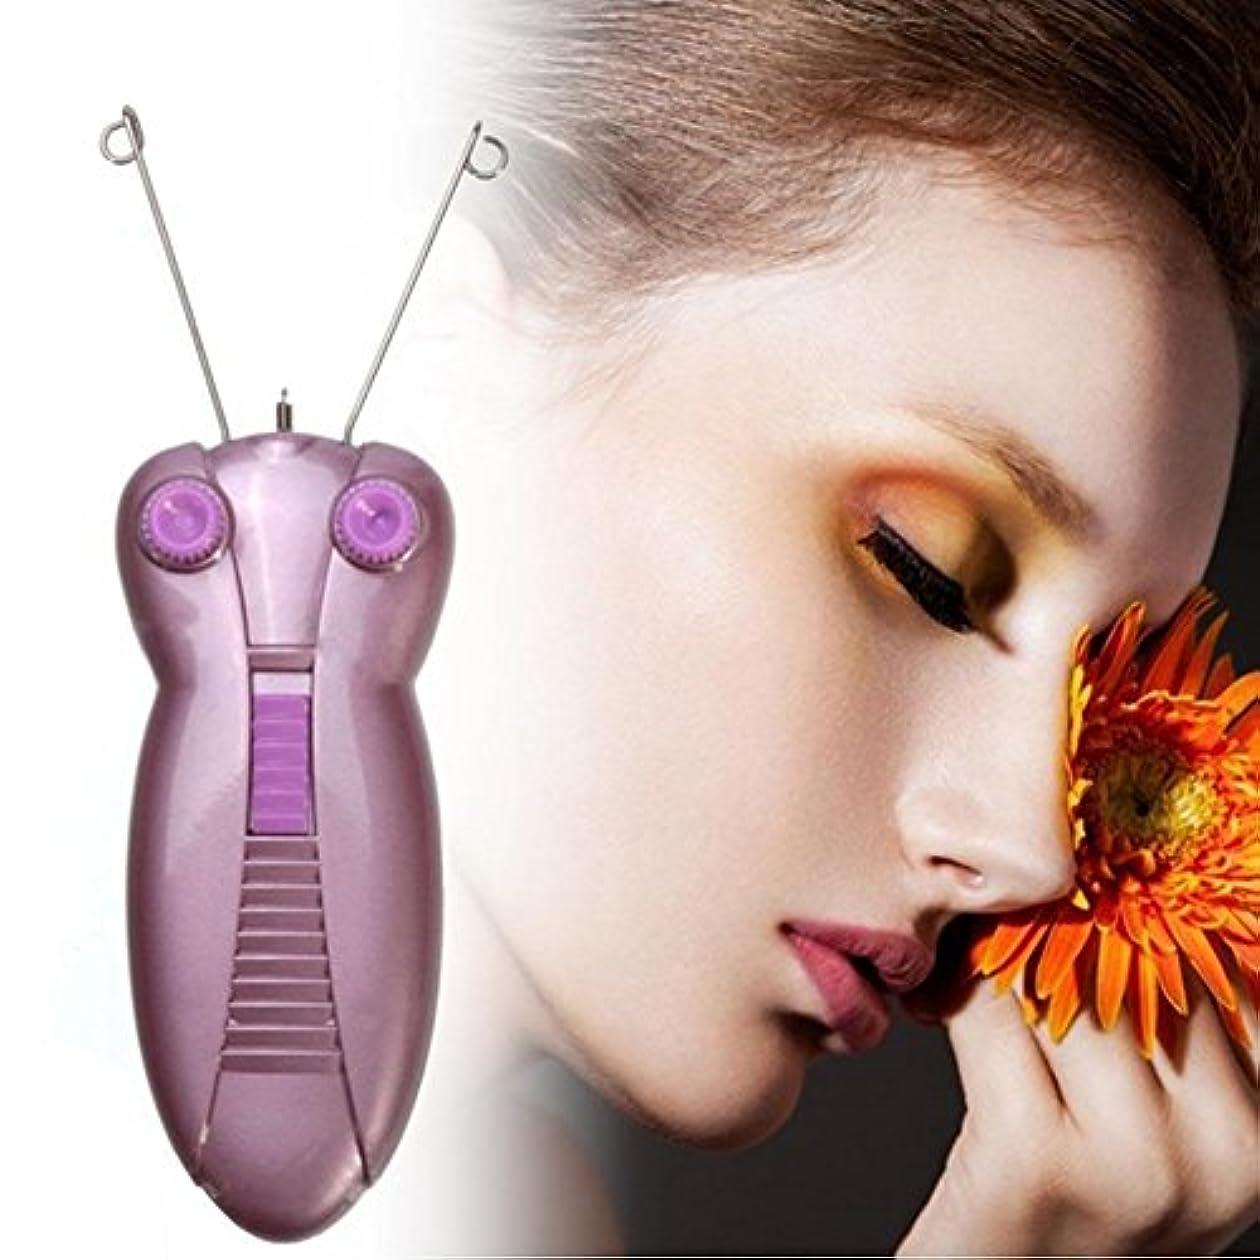 レパートリー完全に乾く生理電気脱毛除去装置、女性の美容脱毛器、顔用綿通し、シェーバーレディ美容機器(EU PLug,EU plug)